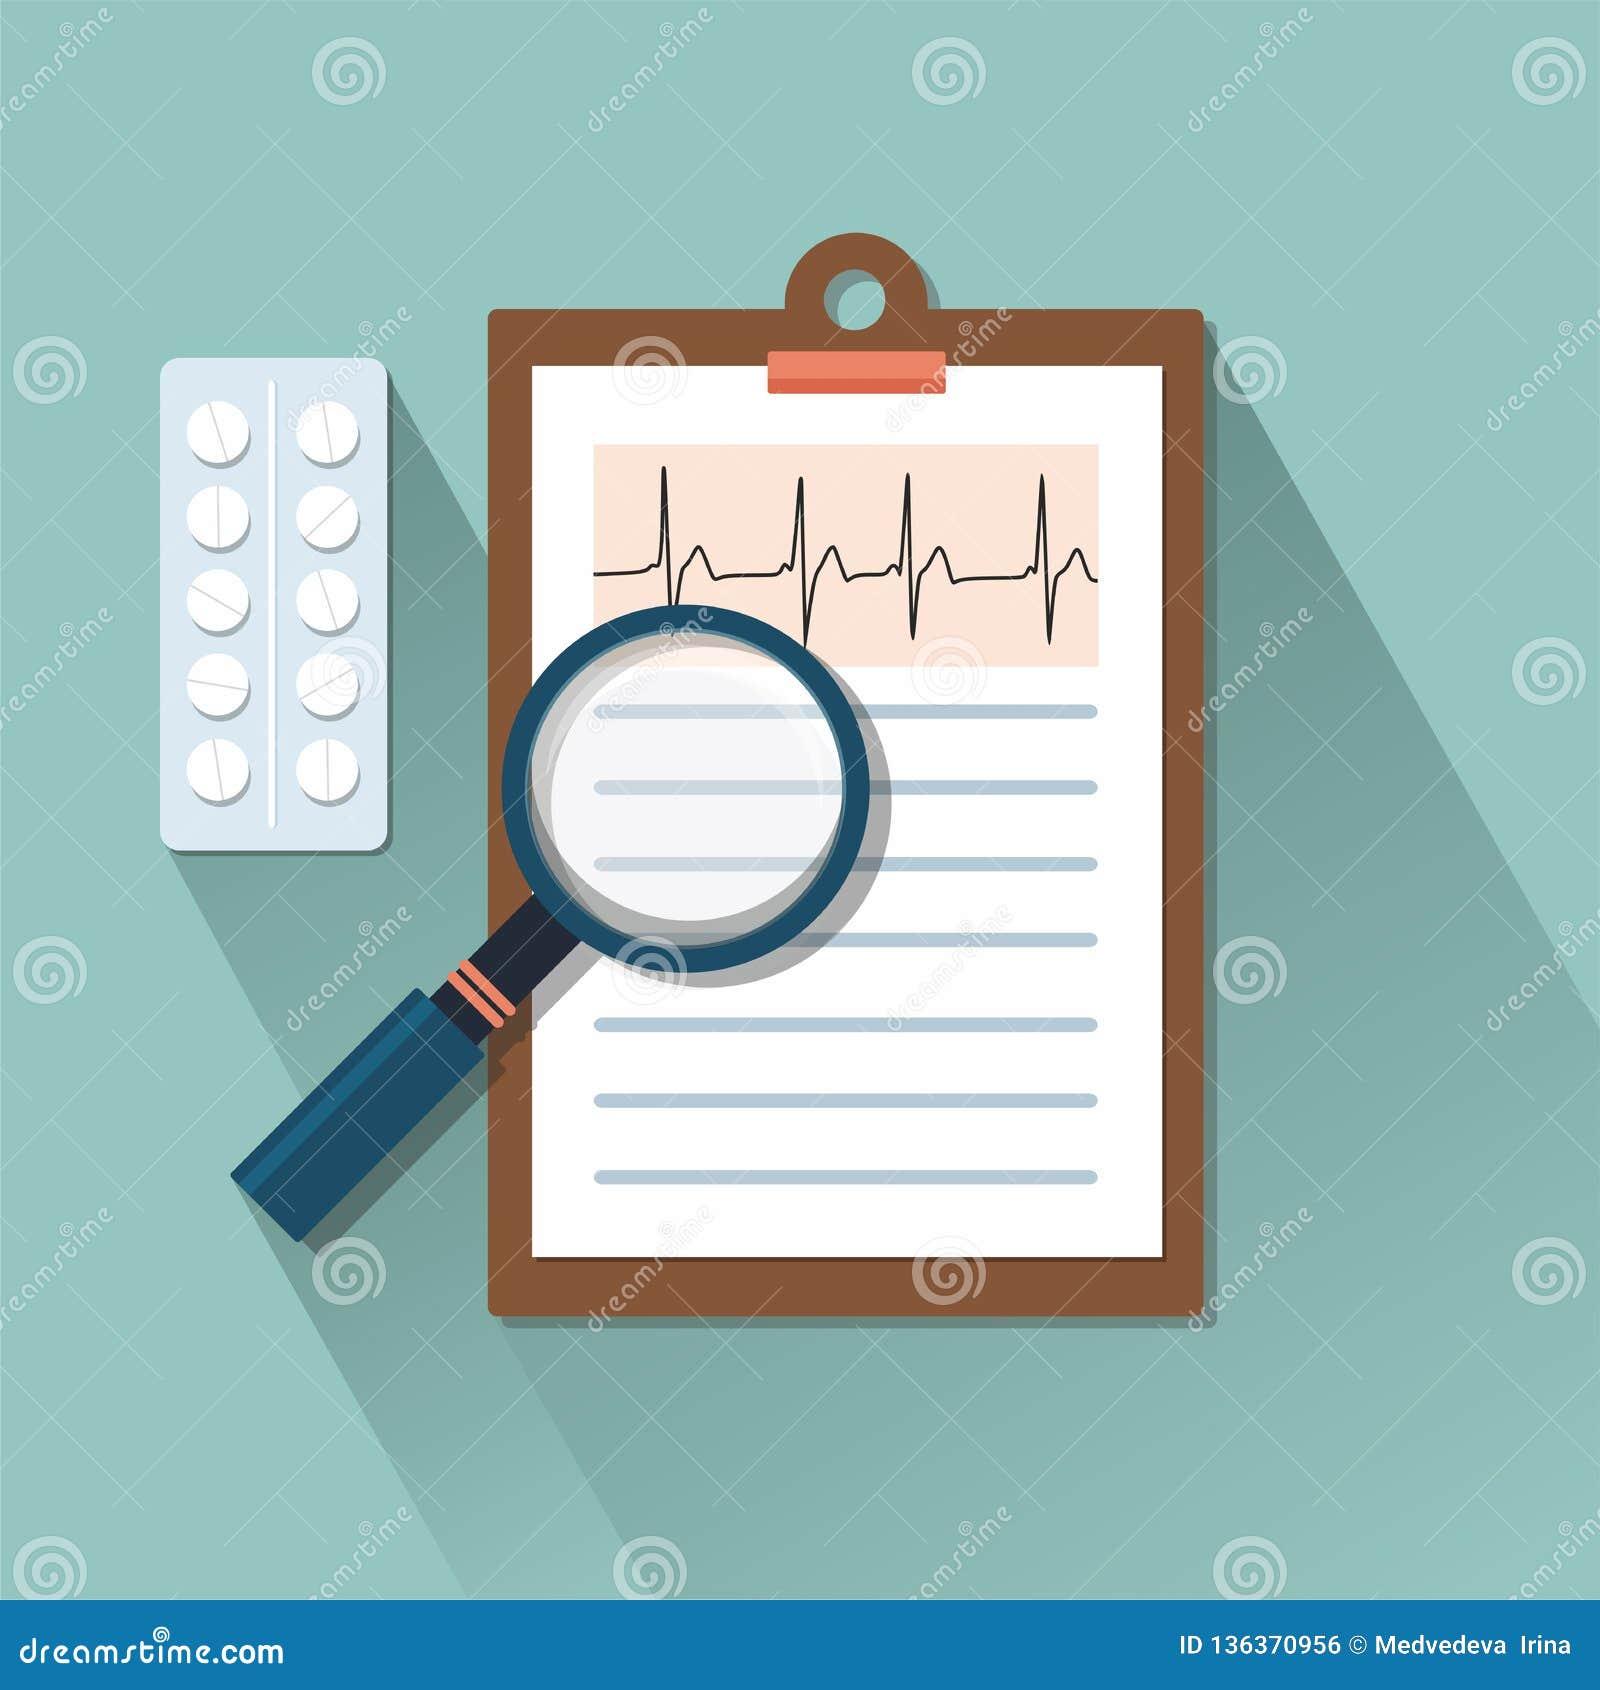 Fläche-Tabelle mit Pillen und Vergrößerungsglas Stethoskop liegt auf Set Geld